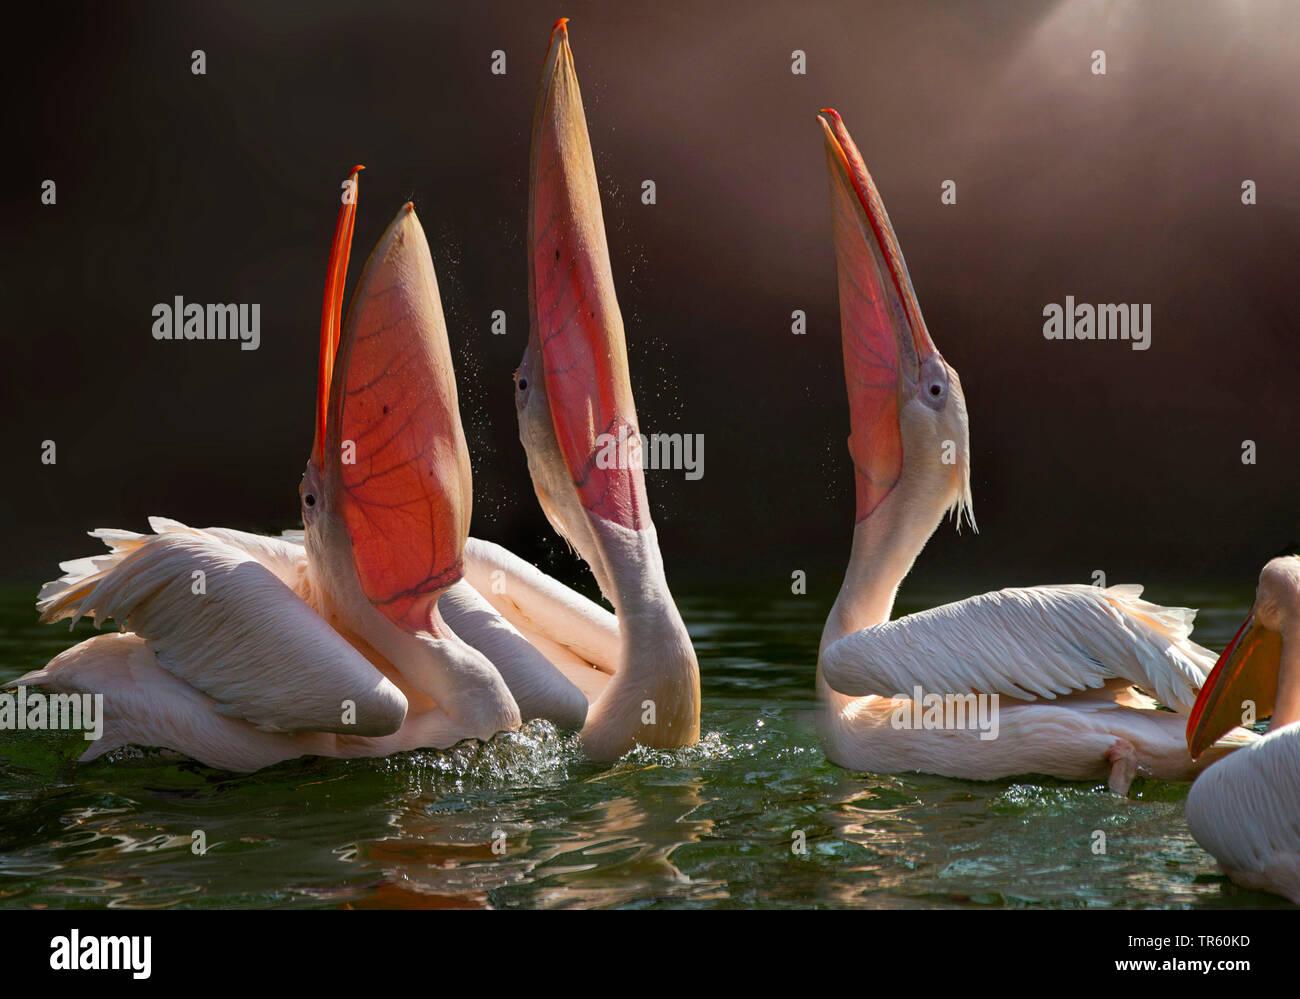 Rosapelikan, Rosa Pelikan (Pelecanus onocrotalus), drei Pelikane strecken die Schnaebel in die Luft | eastern white pelican (Pelecanus onocrotalus), t - Stock Image